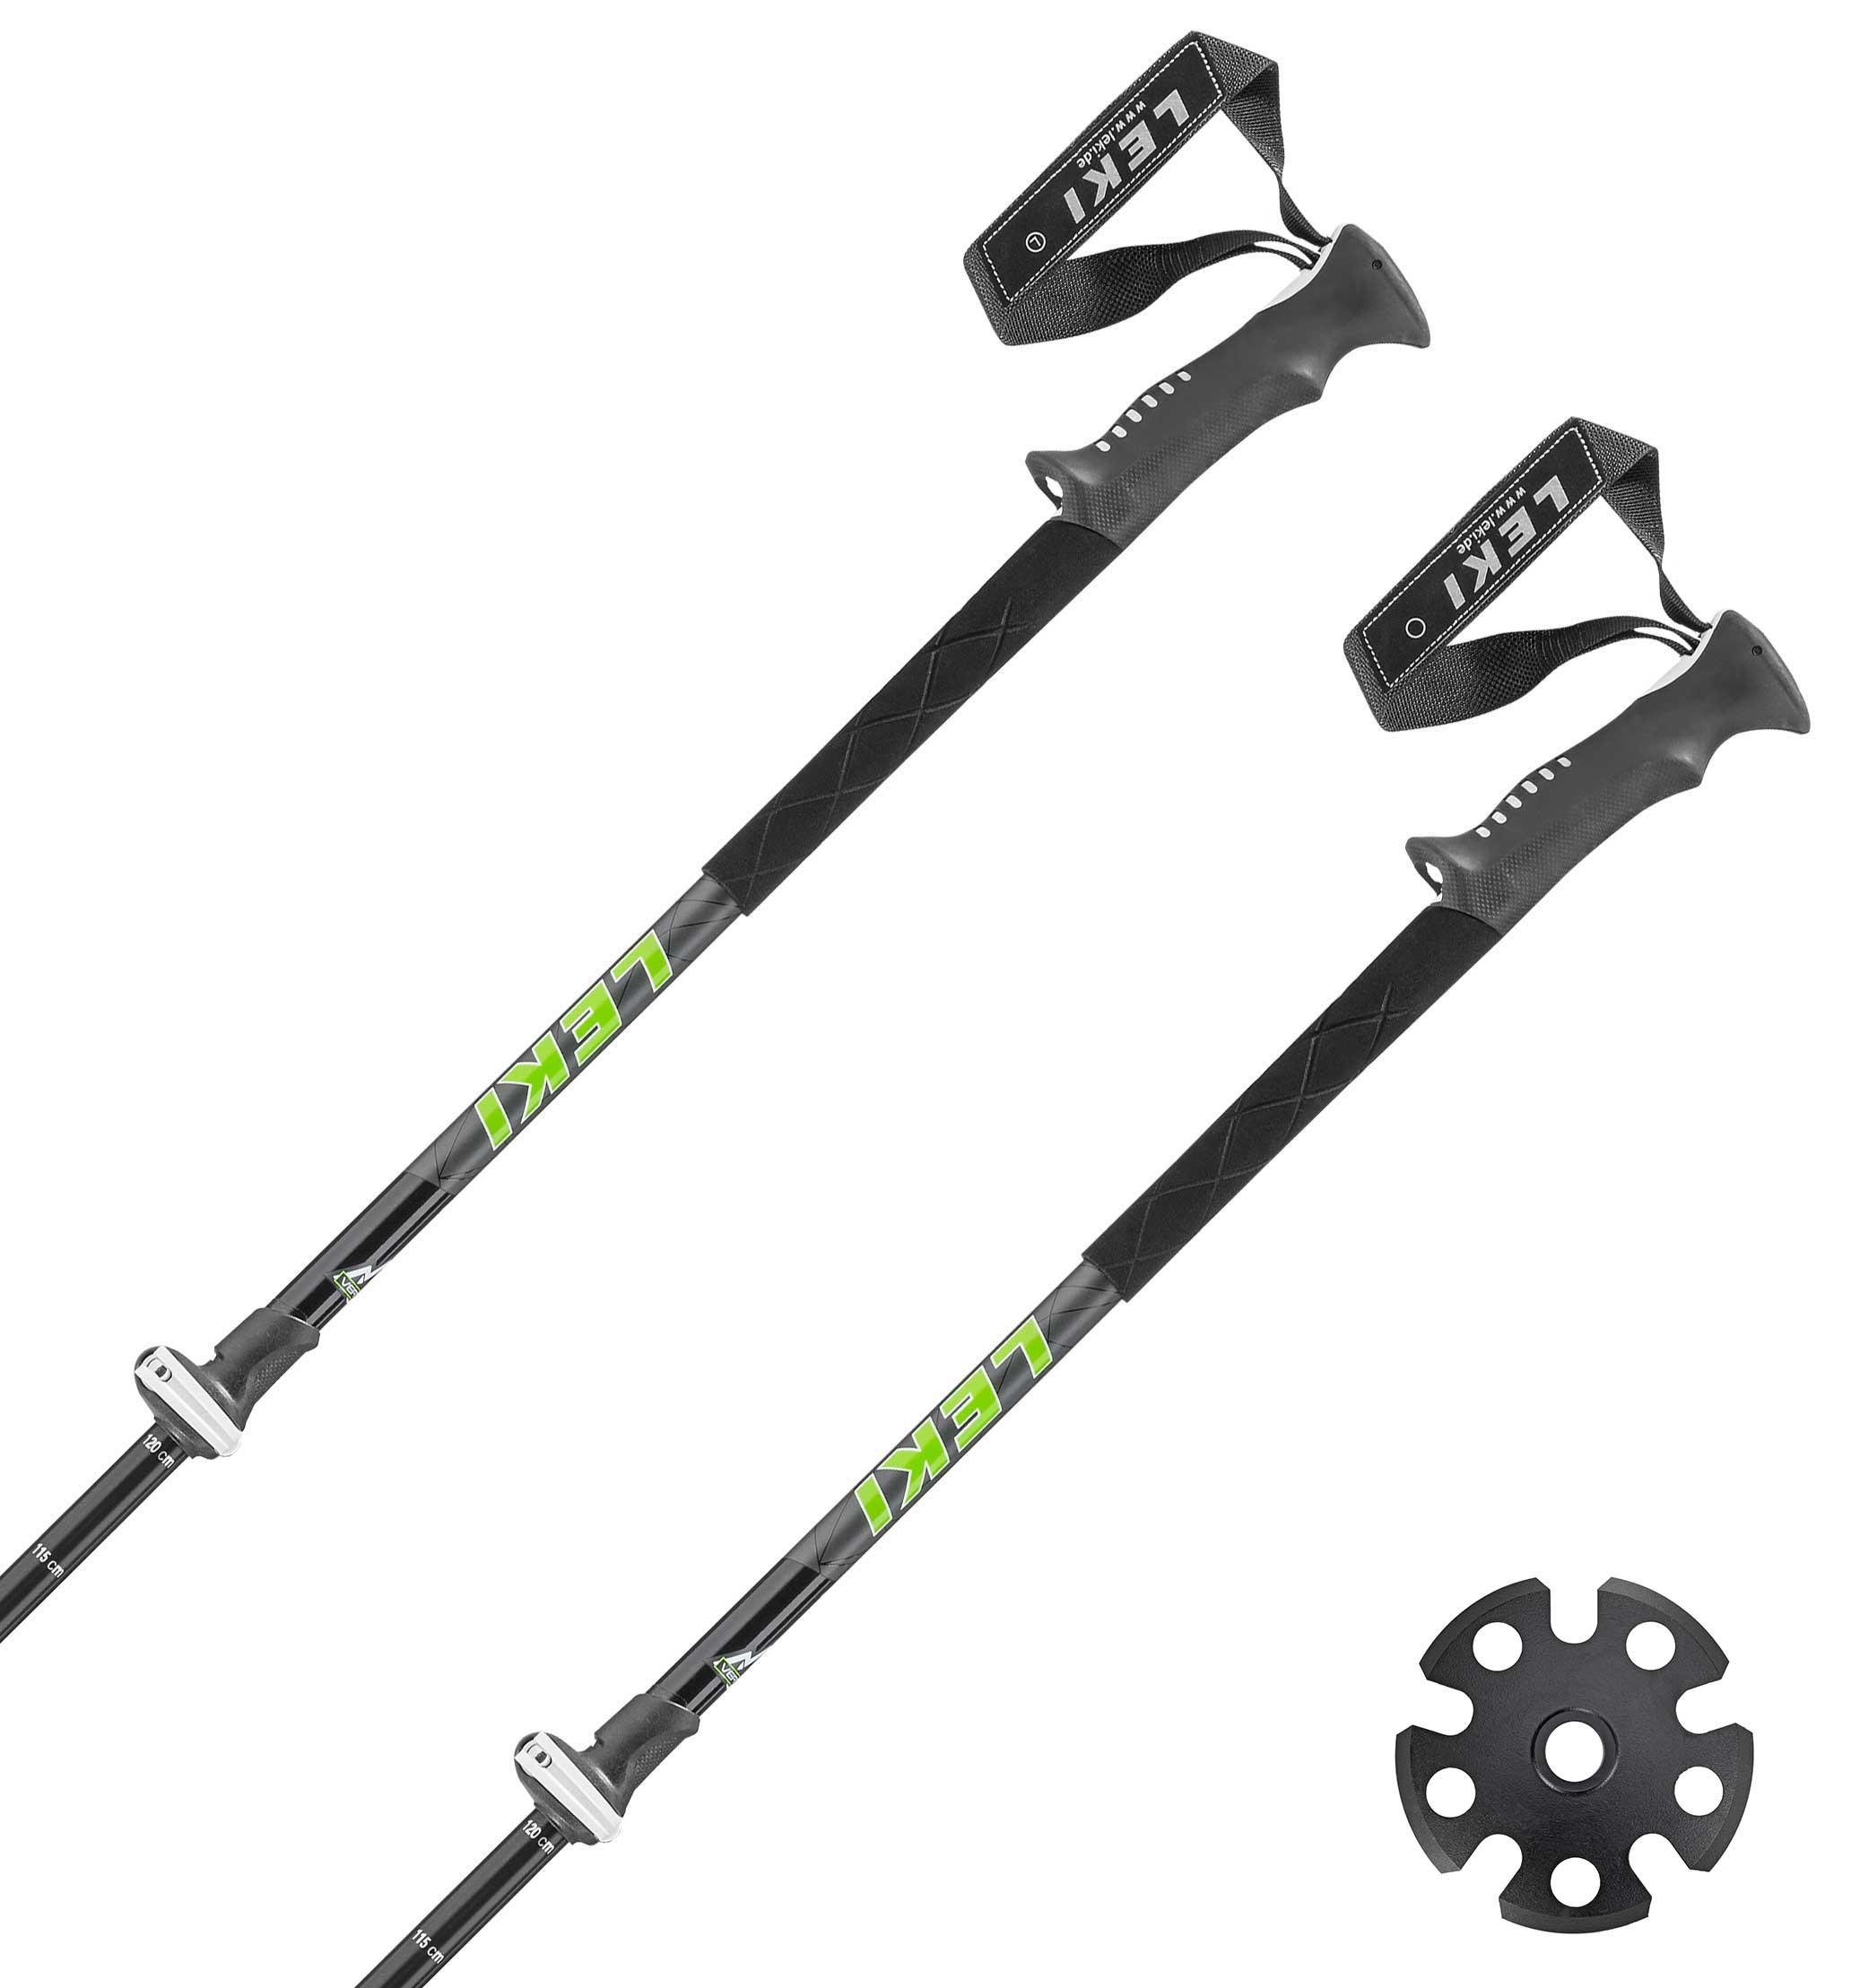 Leki Tour Vario ski tour poles